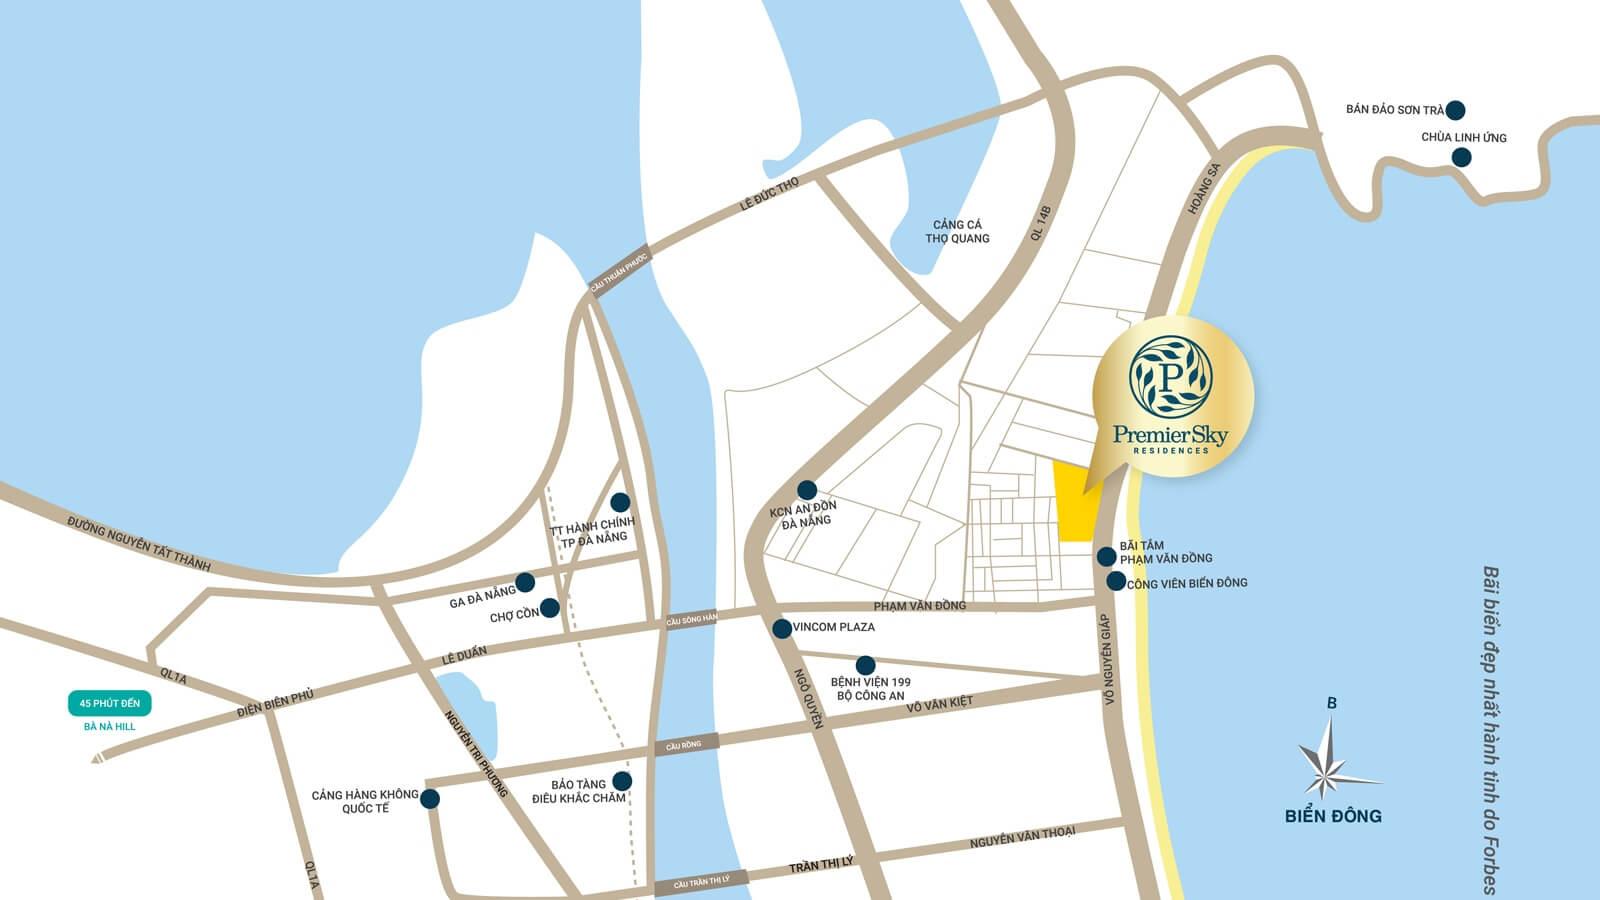 Vị trí dự án căn hộ cao cấp The 6Nature Đà Nẵng